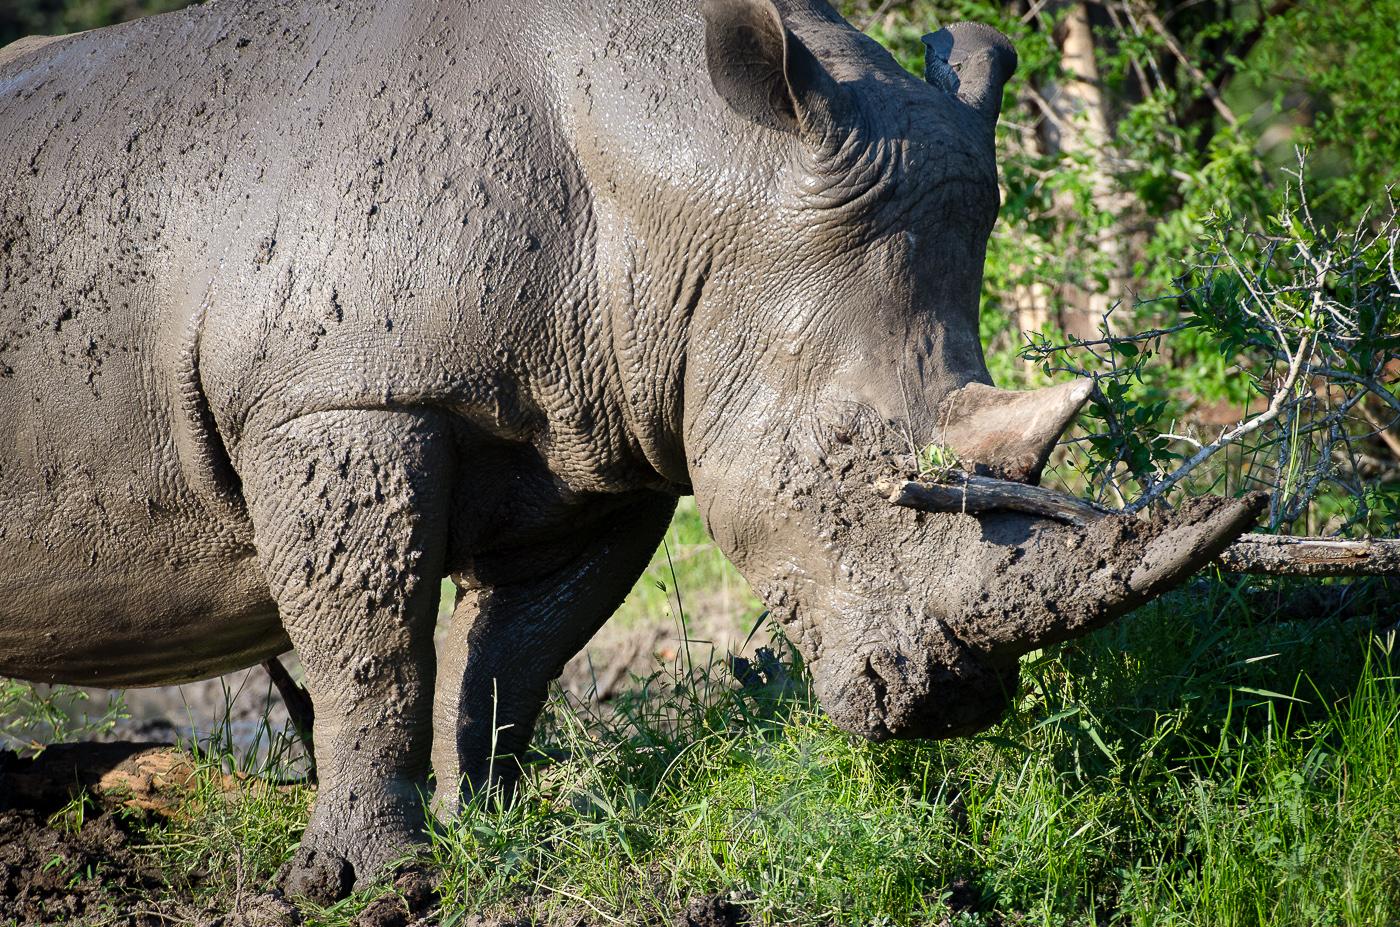 Rhino scratching. KP